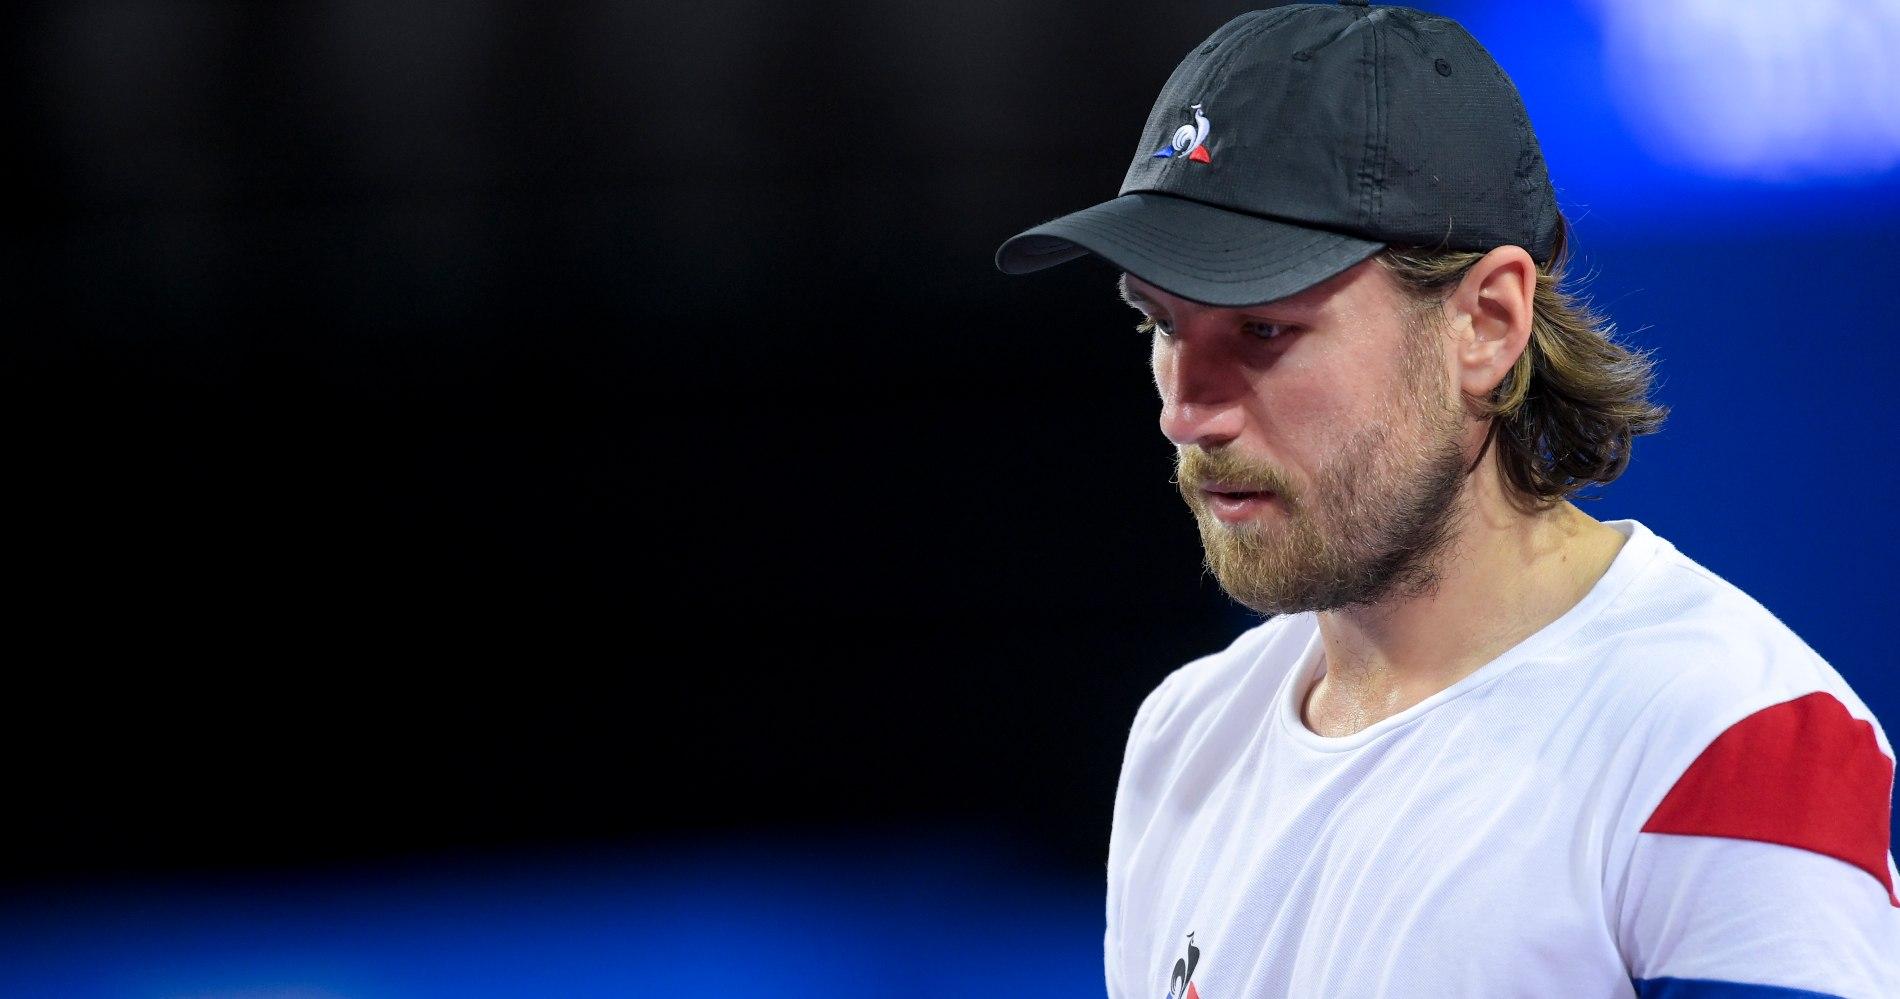 Lucas Pouille, Open Sud de France 2021